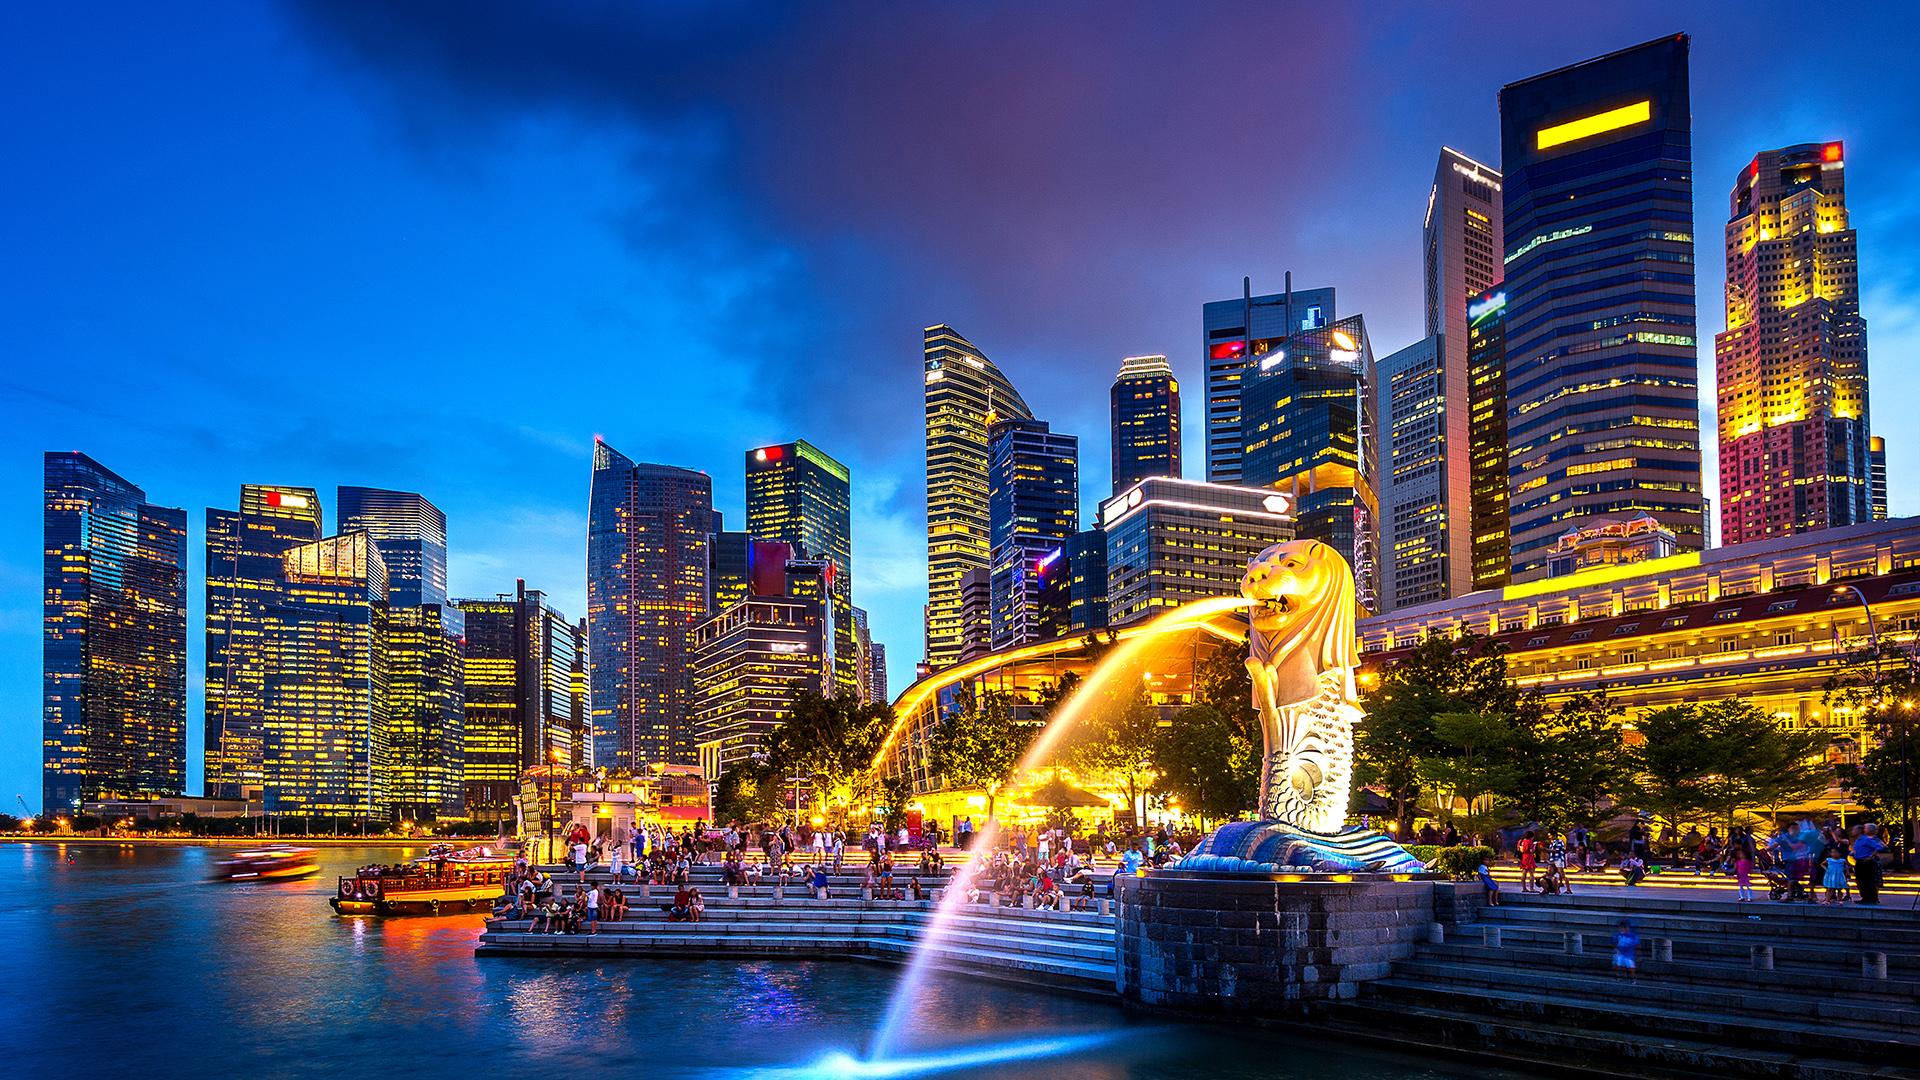 Tan Wee Beng era considerado un caso de éxito en Singapur por el rápido crecimiento de su fortuna